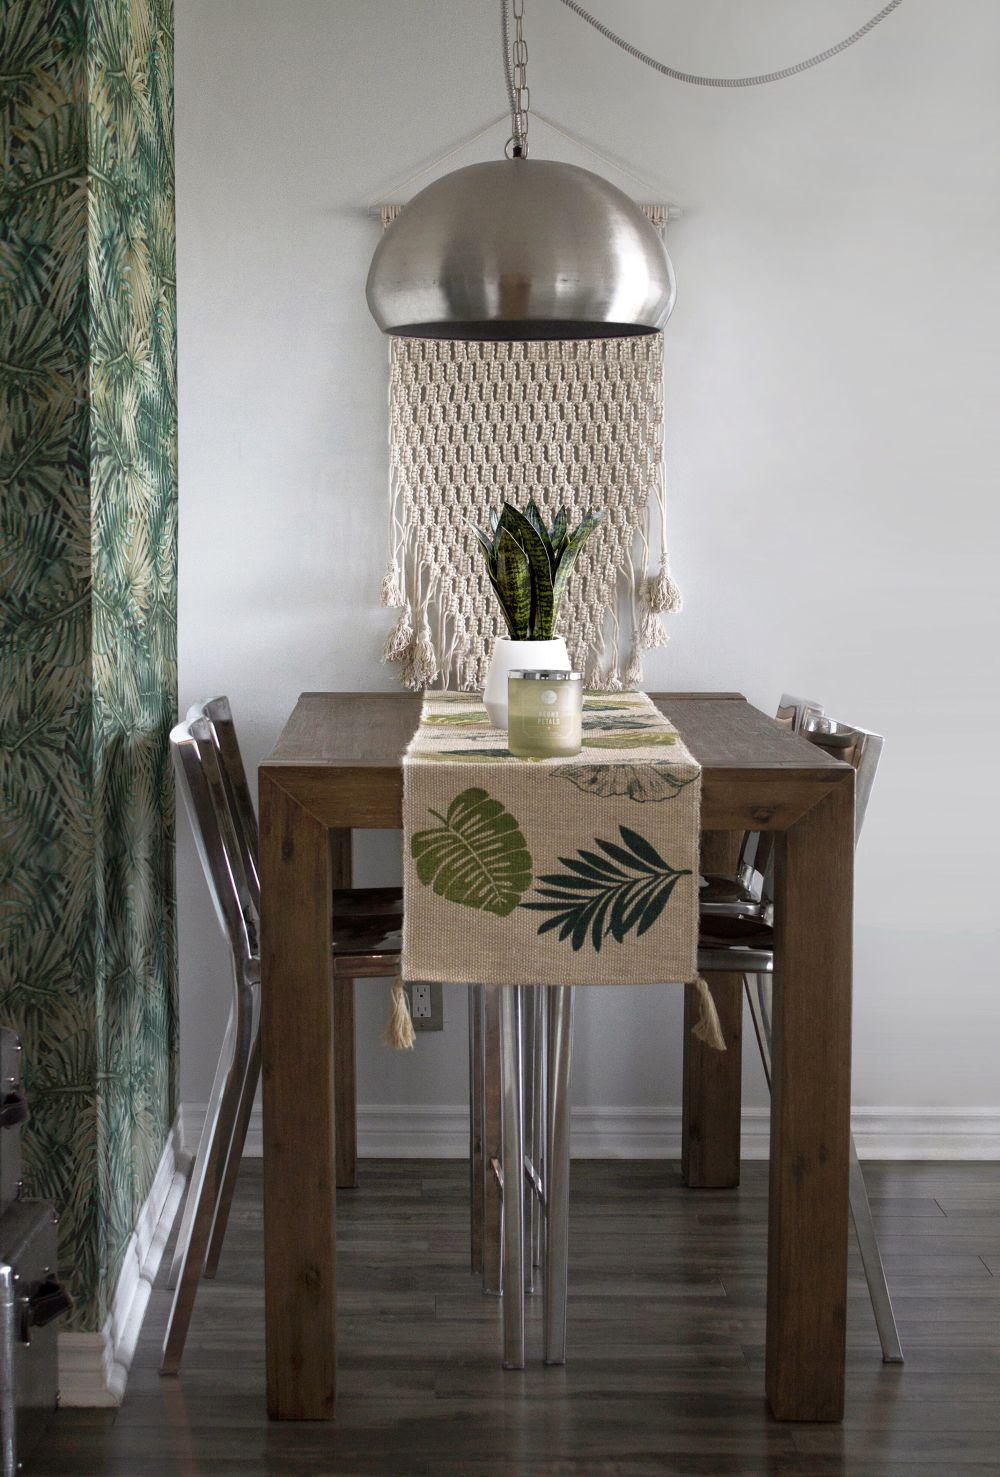 обои на кухонном столе, какие обои рядом с кухонным столом, узорчатые обои на кухонном столе